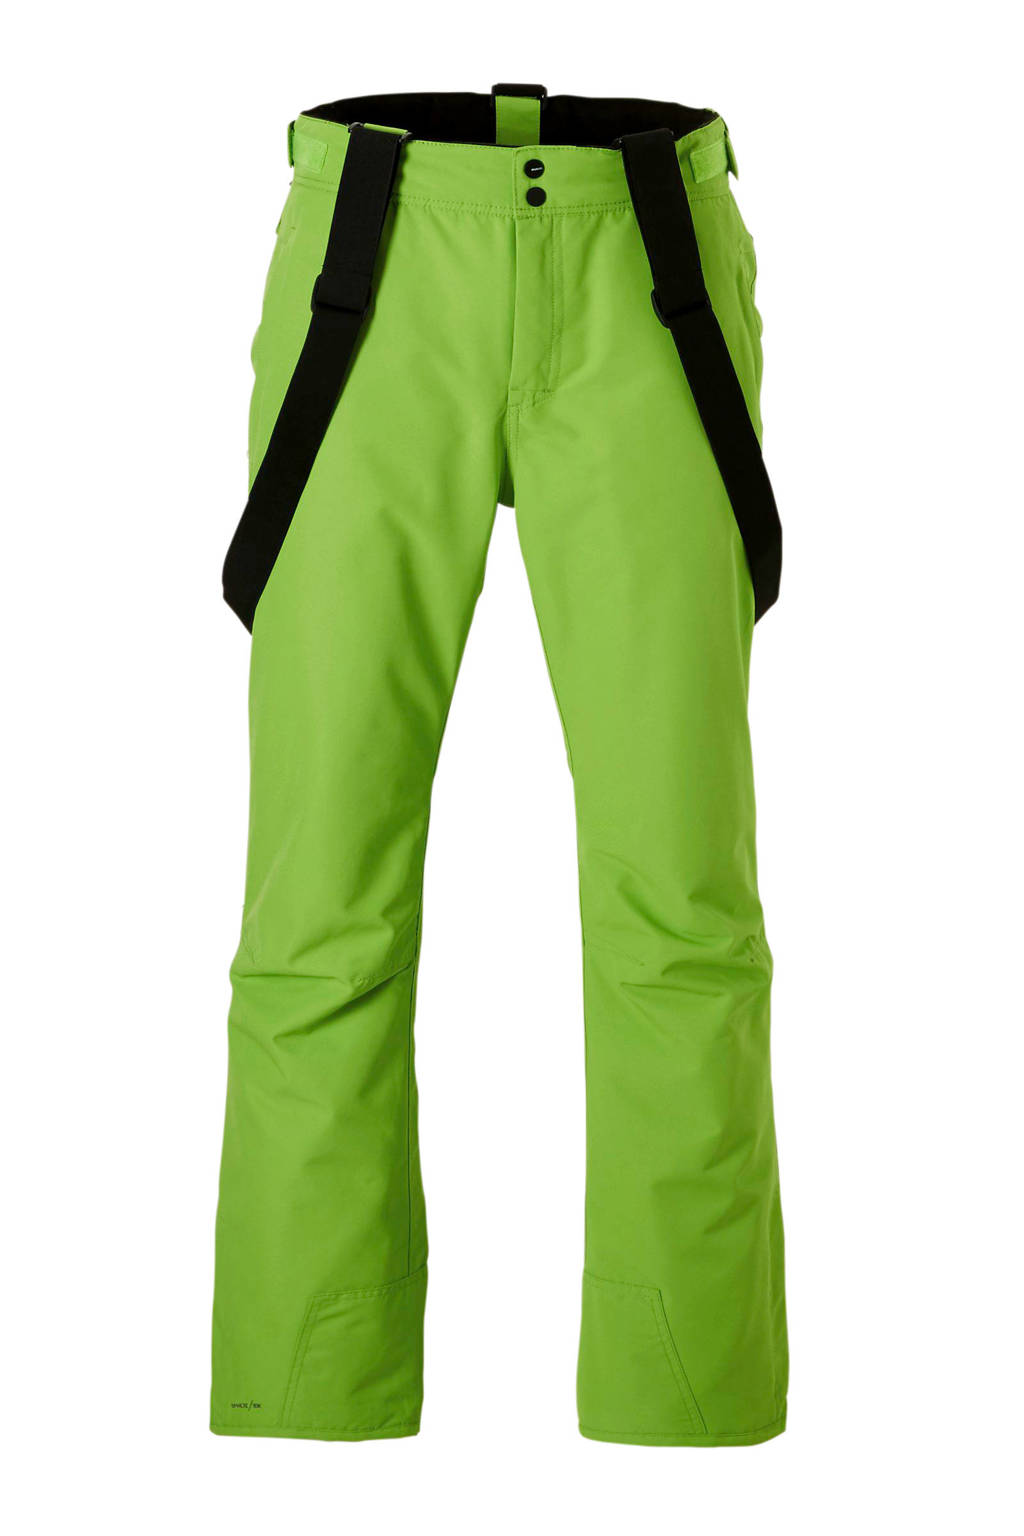 Brunotti skibroek Footstrap groen, Groen